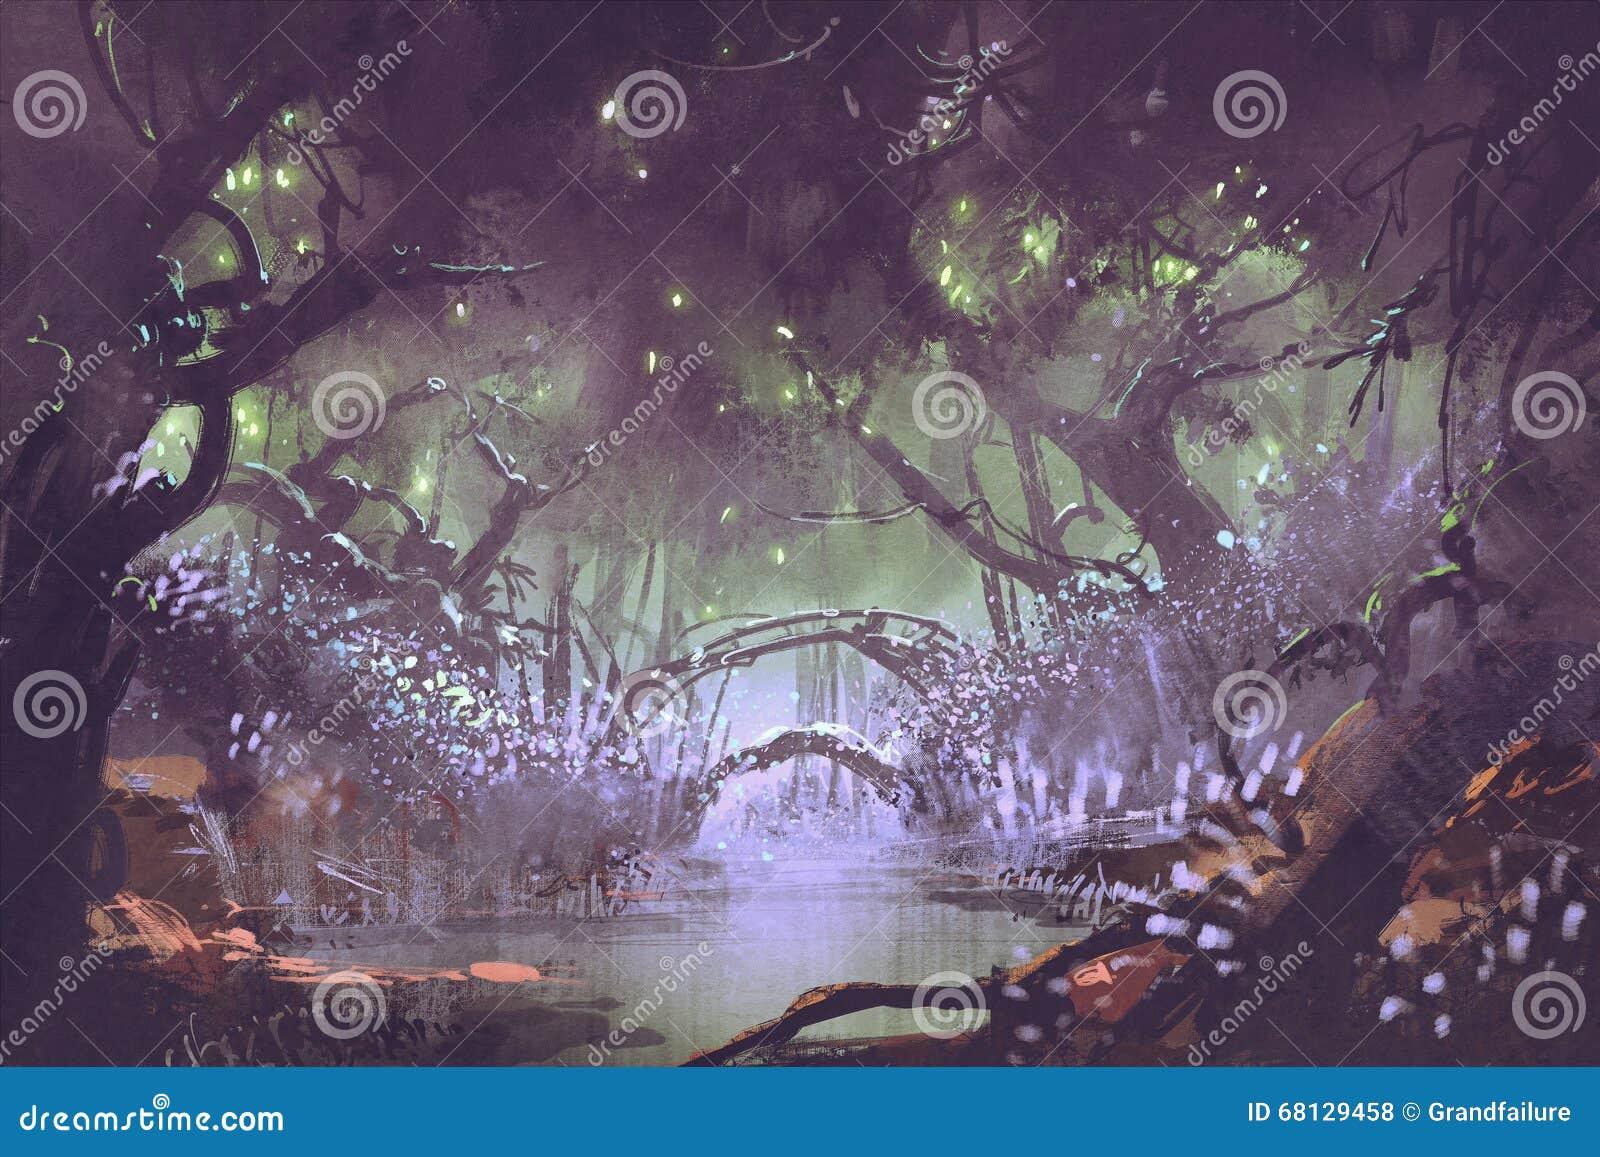 Foresta incantata, paesaggio di fantasia